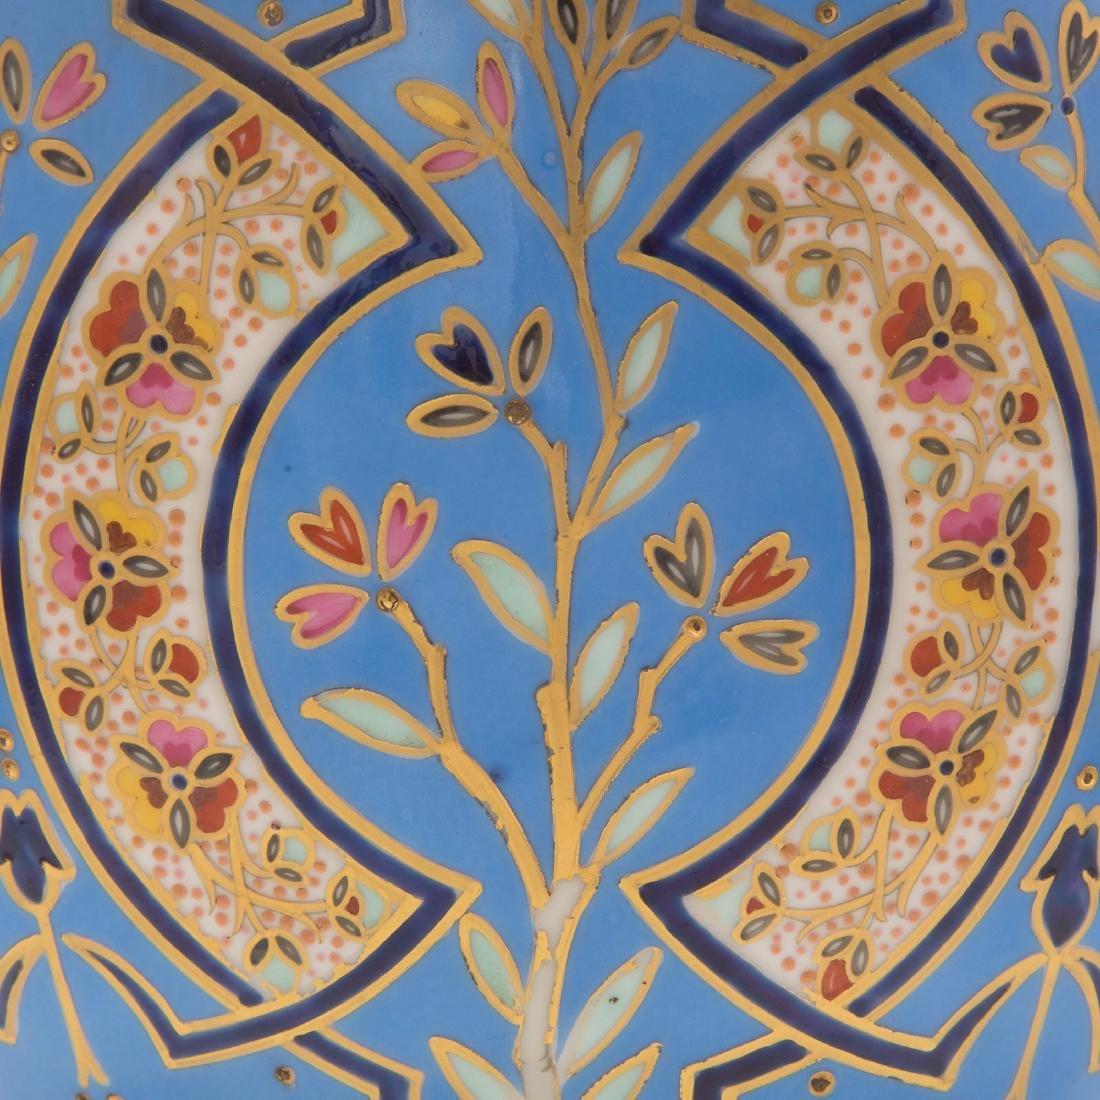 Limoges Porcelain Vase - 3